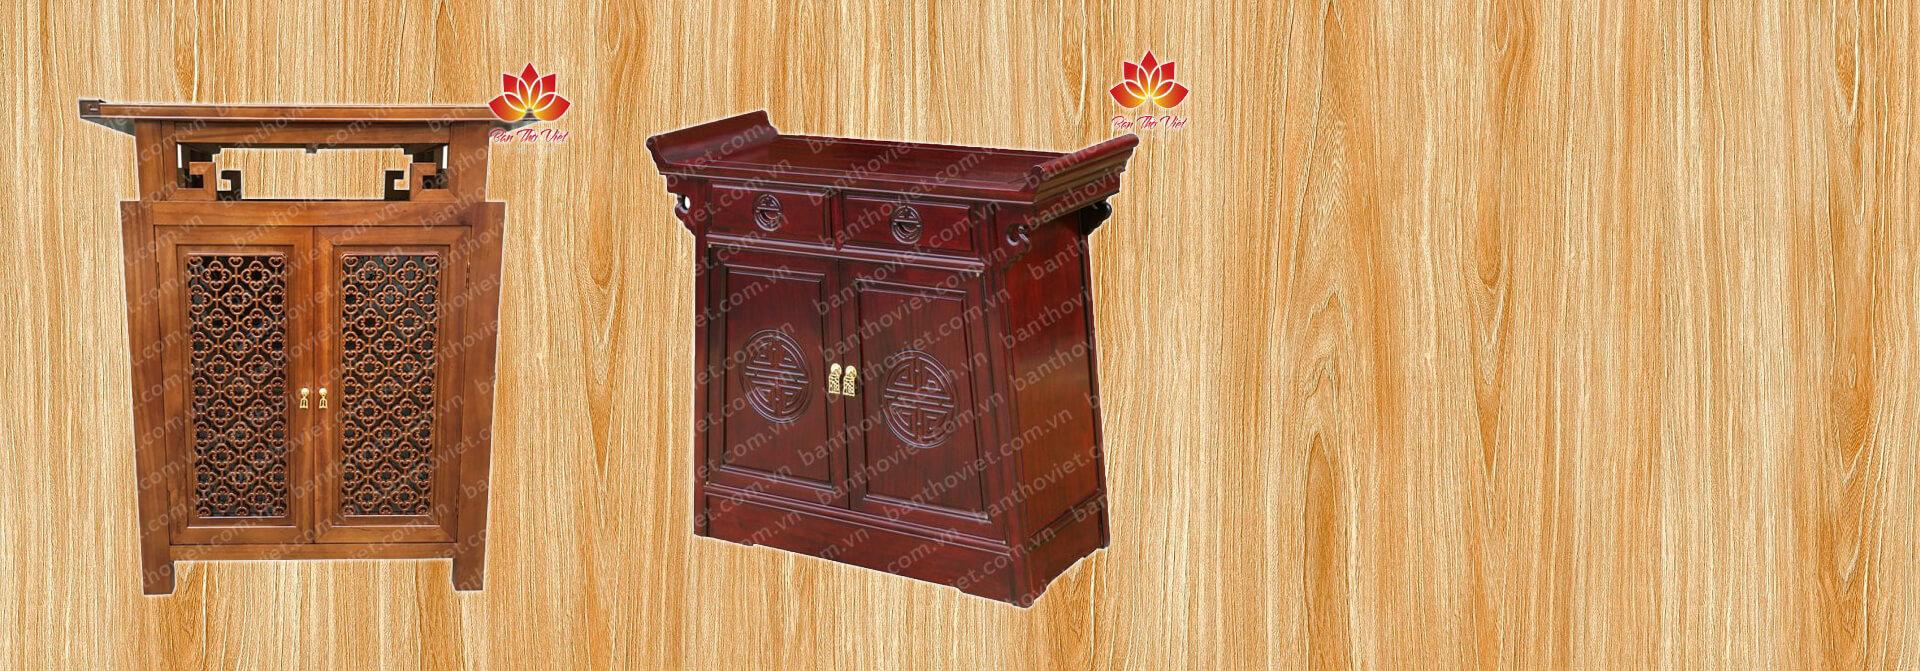 Mẫu tủ thờ chữ A được thiết kế theo phong cách hiện đại